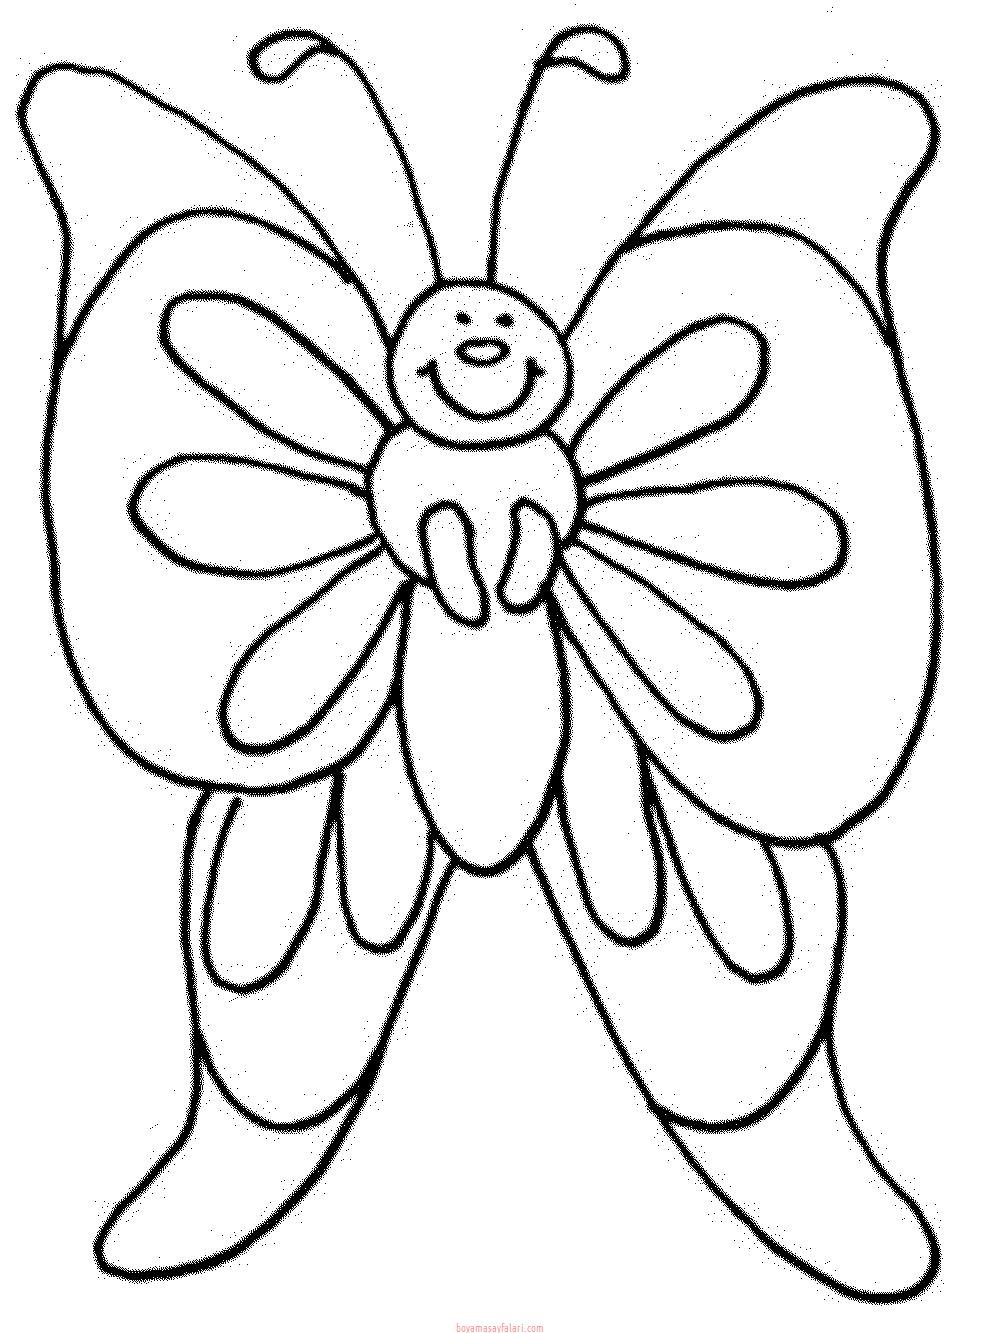 Kelebek şablonları 4 Sınıf öğretmenleri Için ücretsiz özgün